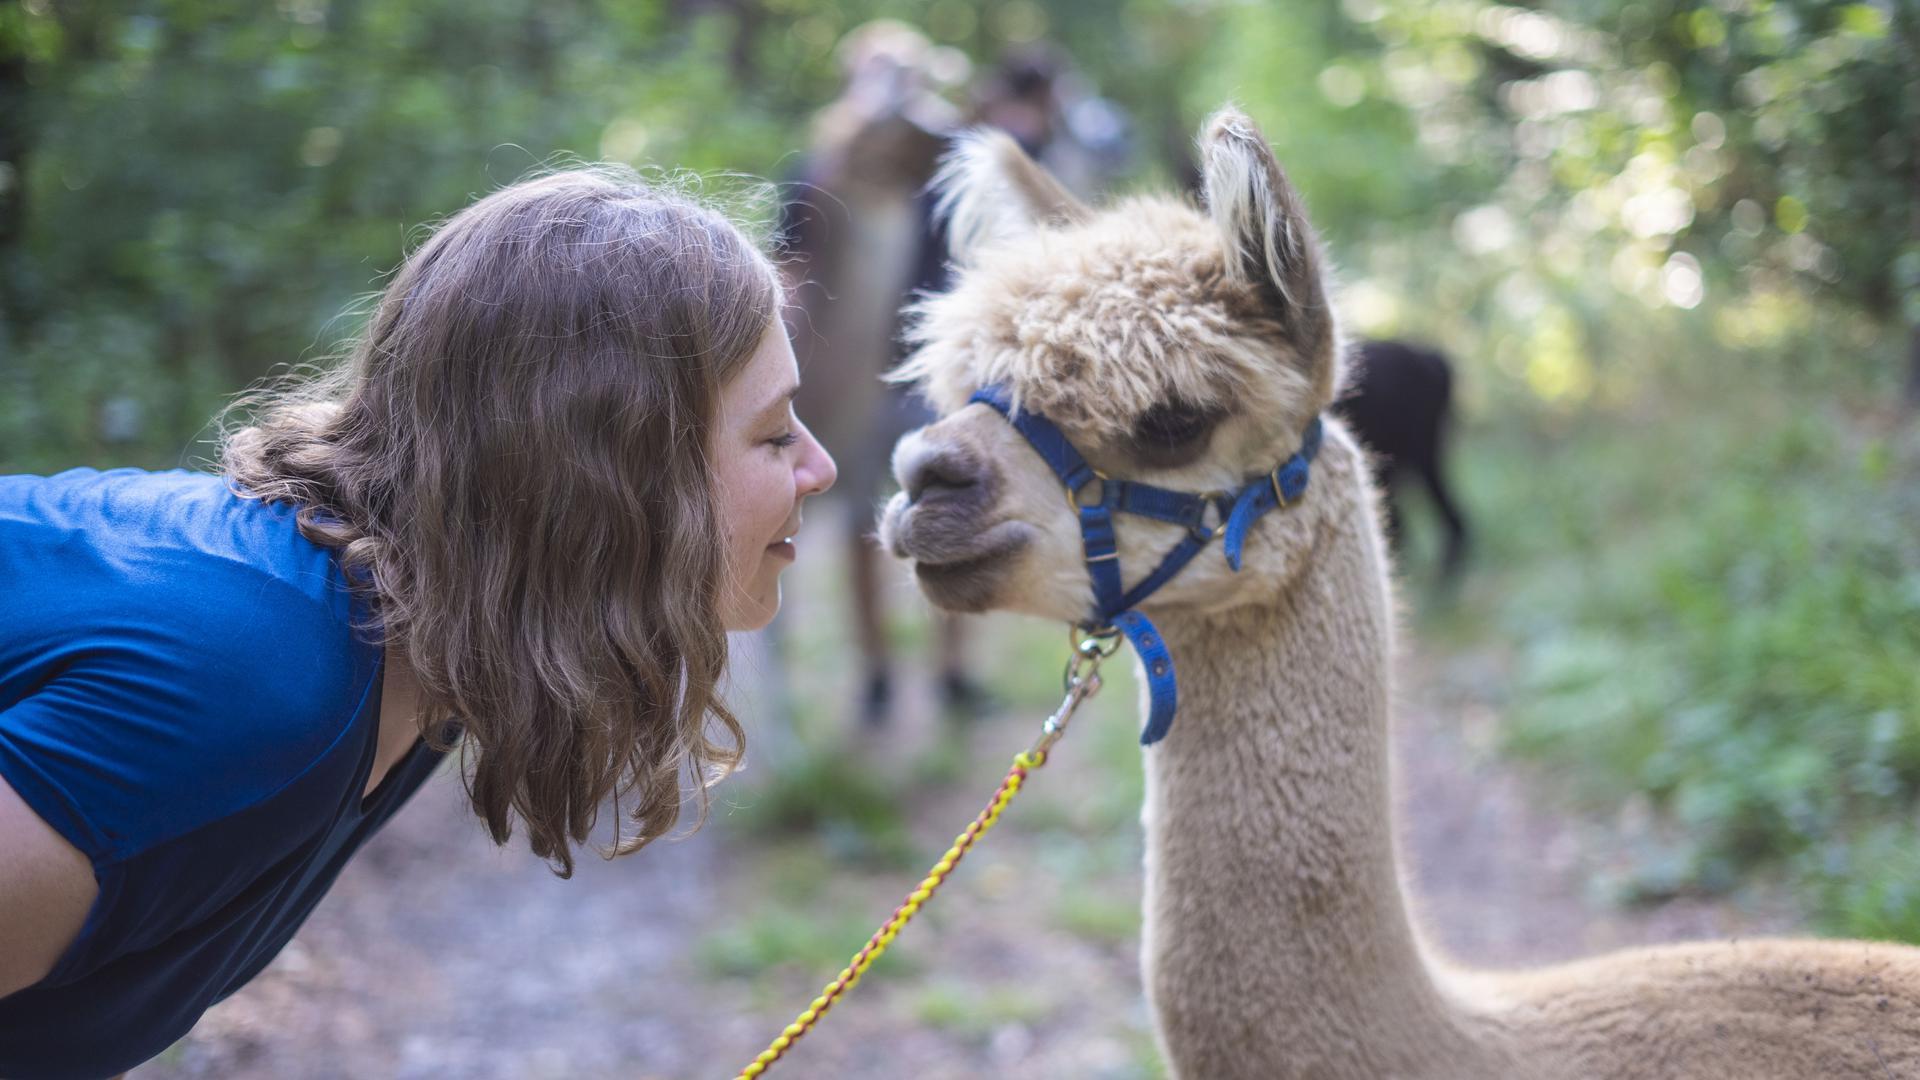 Laura Stockinger aus Karlsruhe ist großer Tier-Fan. Alpaka Oskar mag es, angeschnuffelt zu werden.